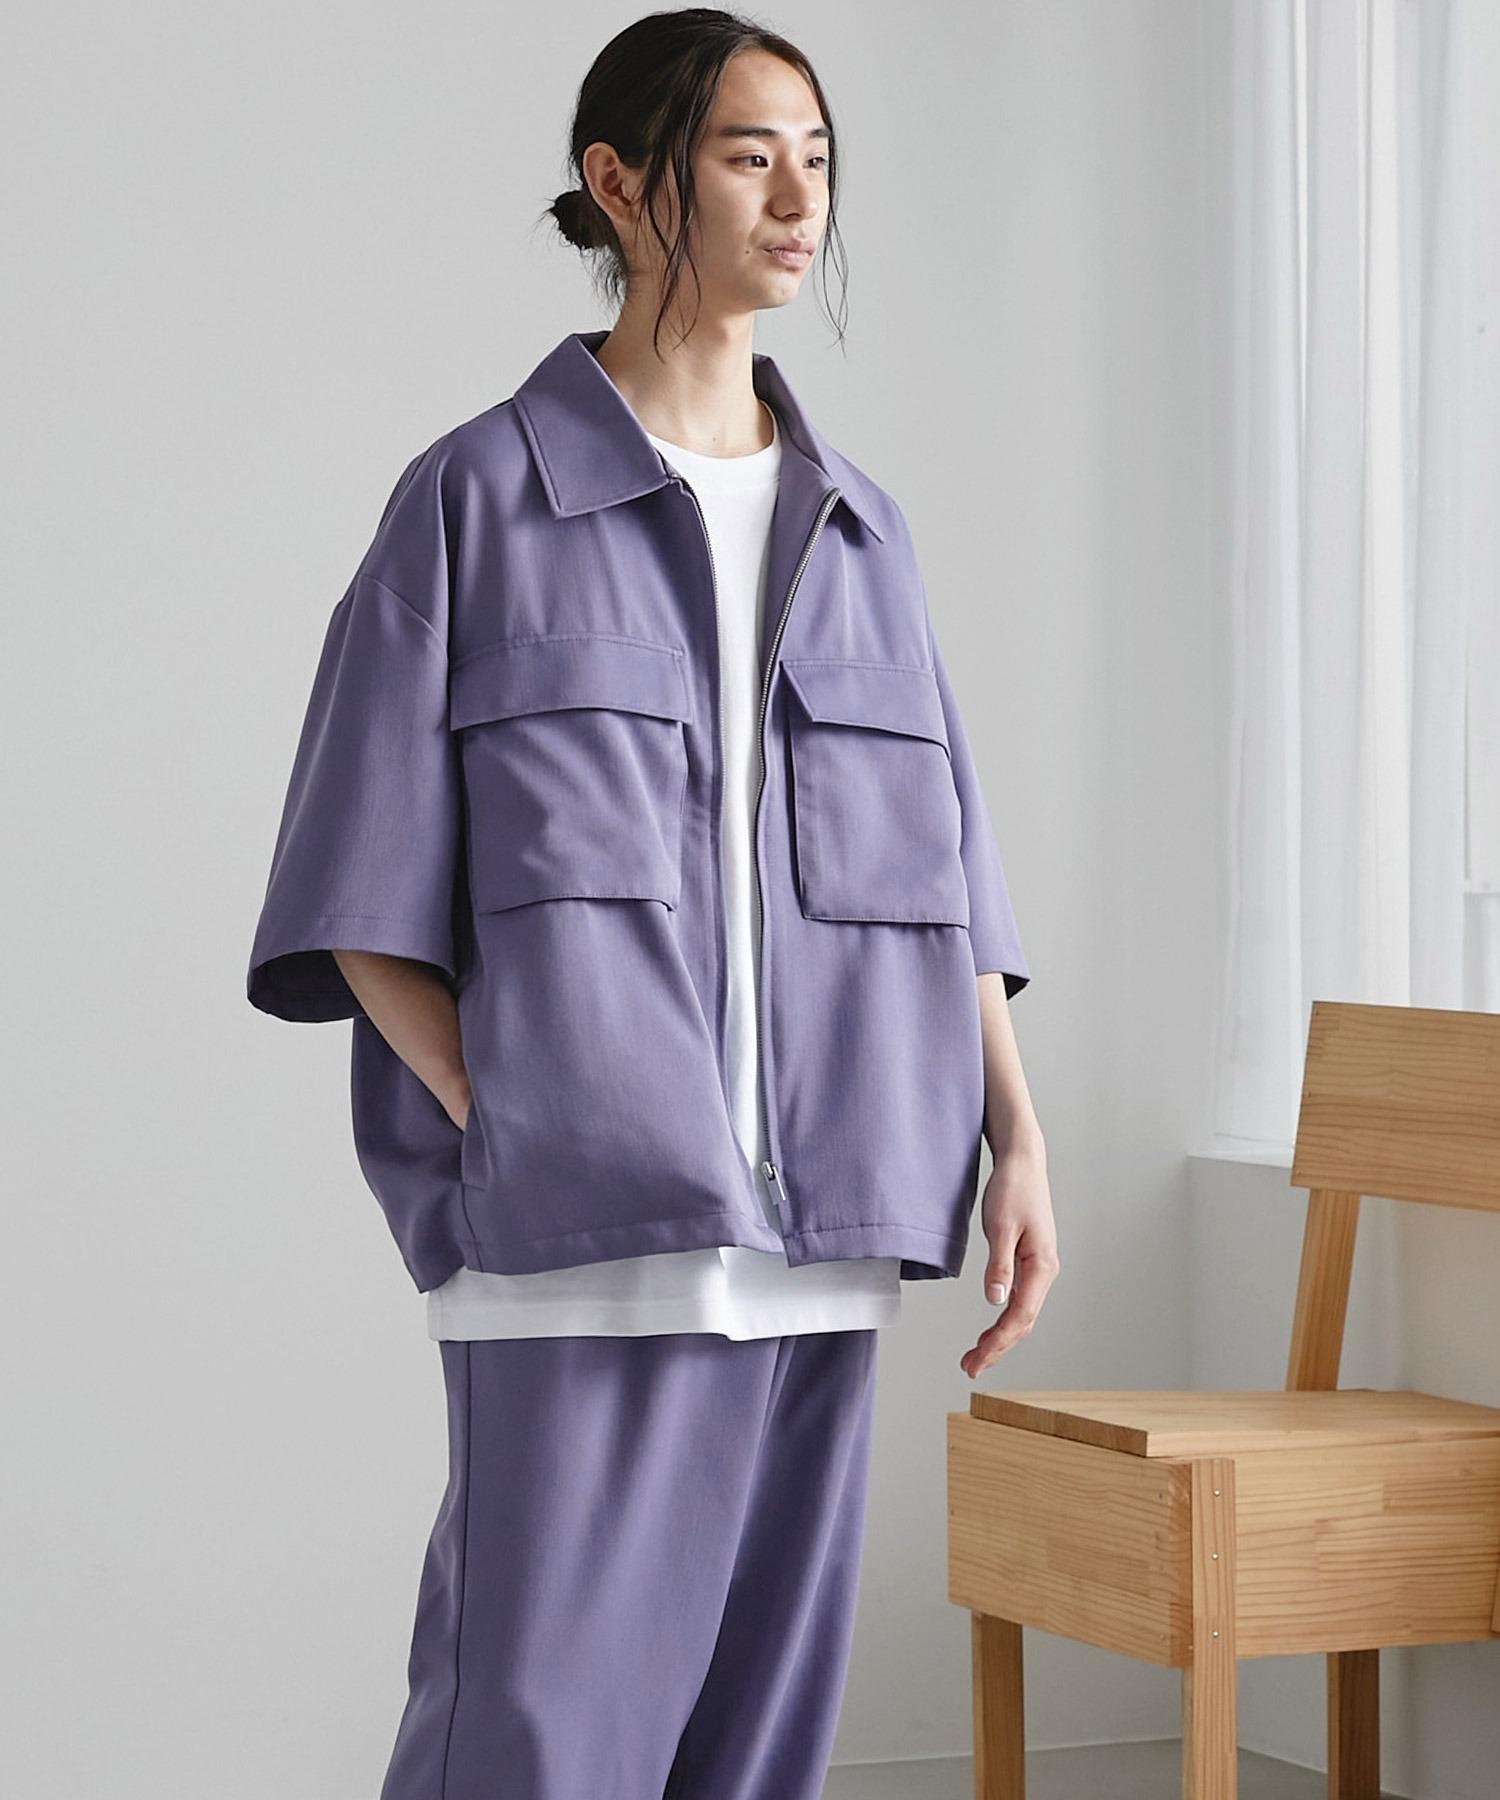 【セットアップ】TRストレッチ オーバーサイズ ビックポケット ジップシャツ(1/2 sleeve) & タックワイドパンツ -2021SUMMER-